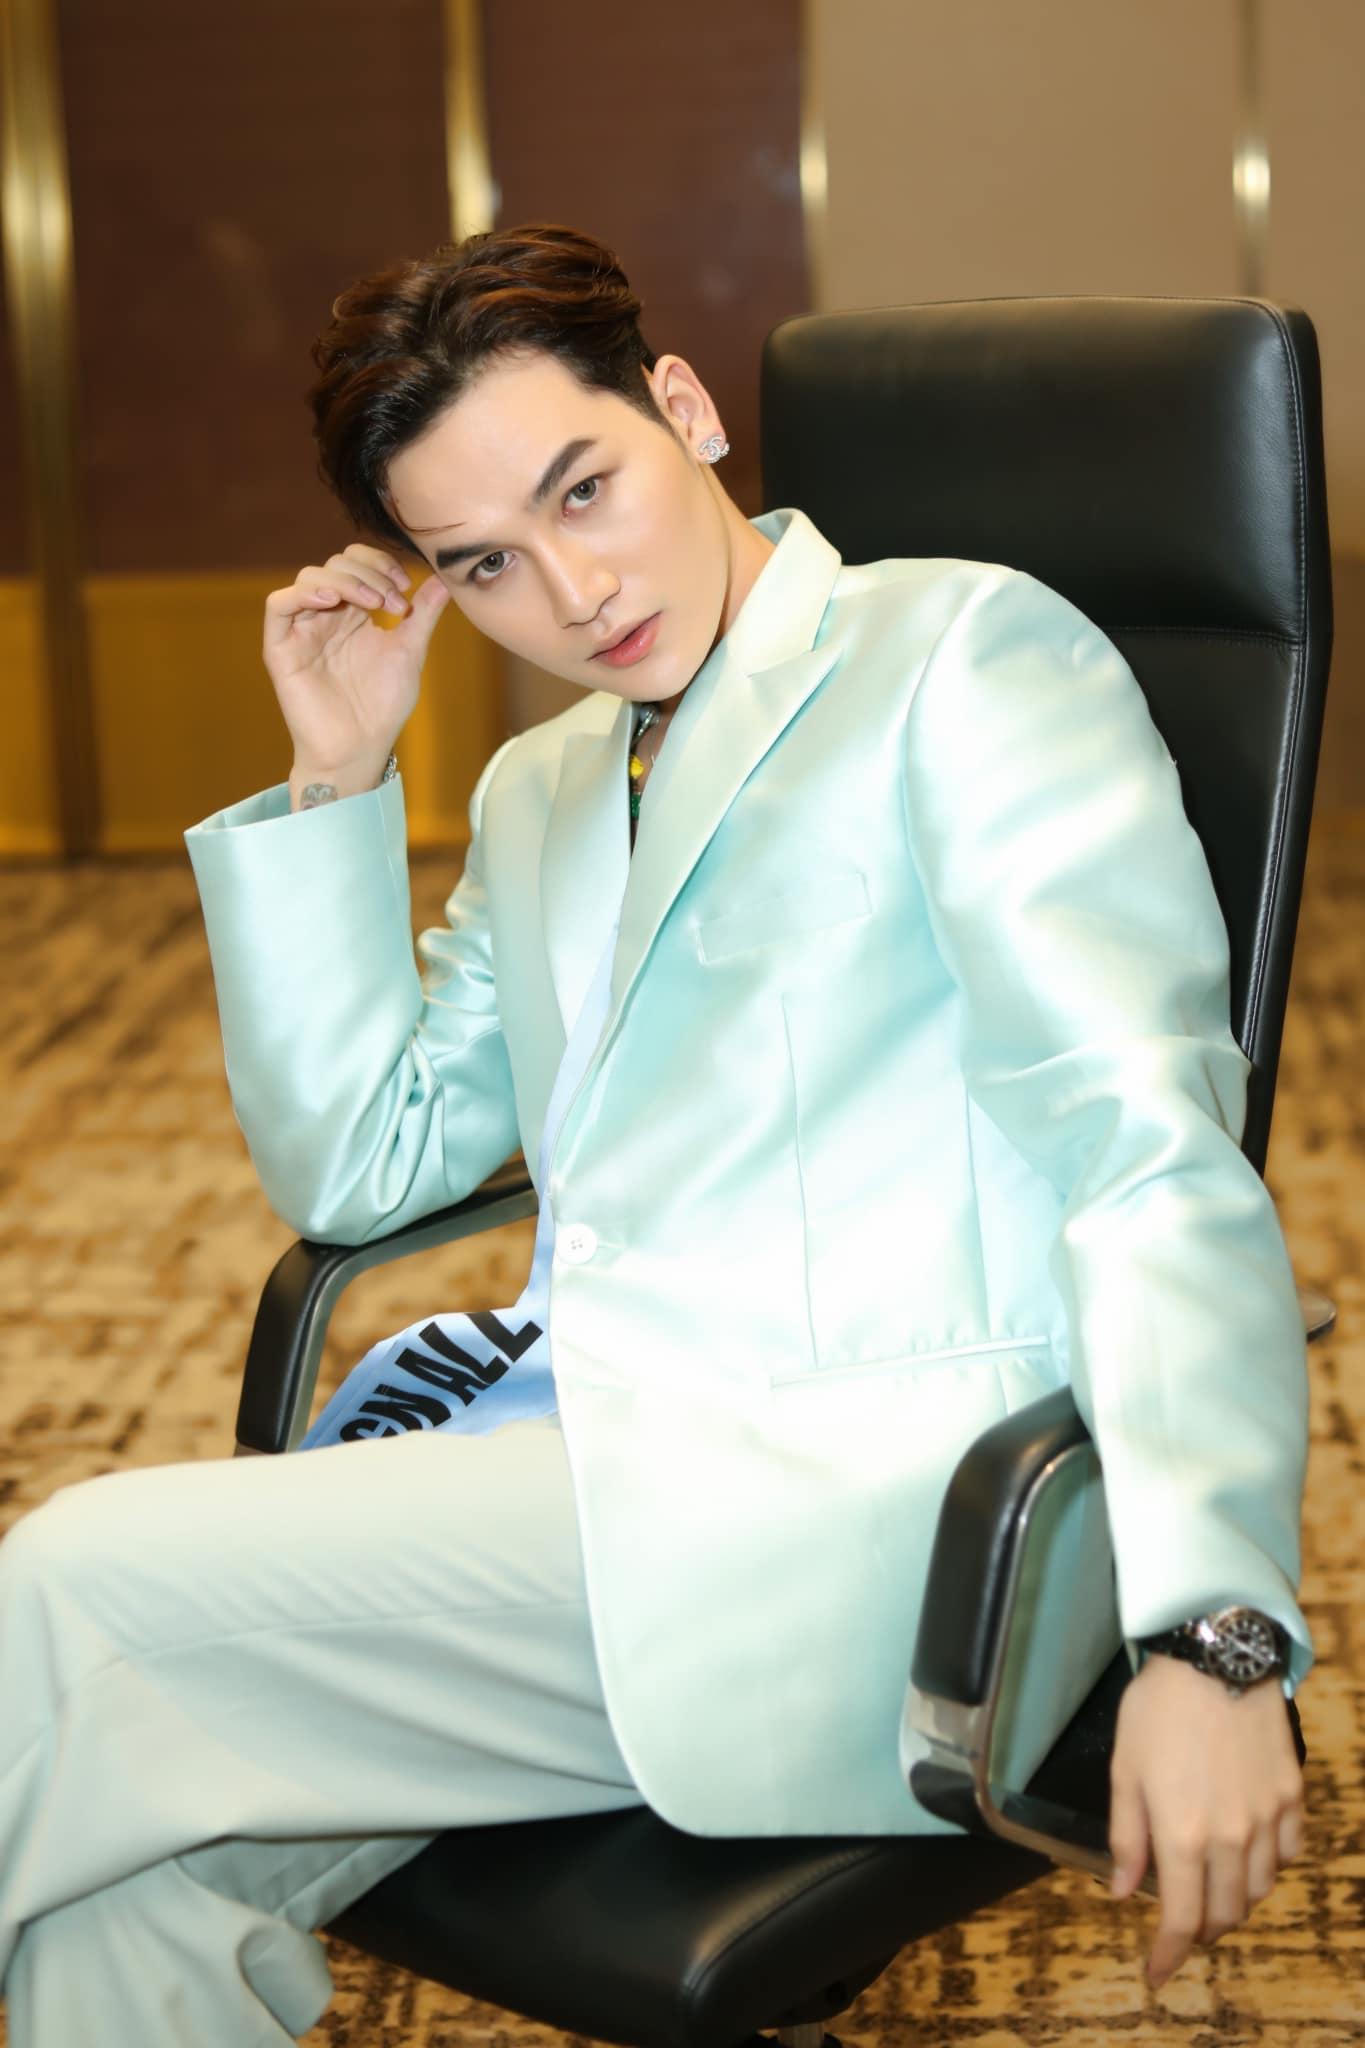 Ali Hoàng Dương đáp trả nhận định: 'Khán giả cho rằng Trấn Thành đang dùng quyền lực của mình trong showbiz để nâng đỡ nhóm bạn thân phủ sóng trong các gameshow'.